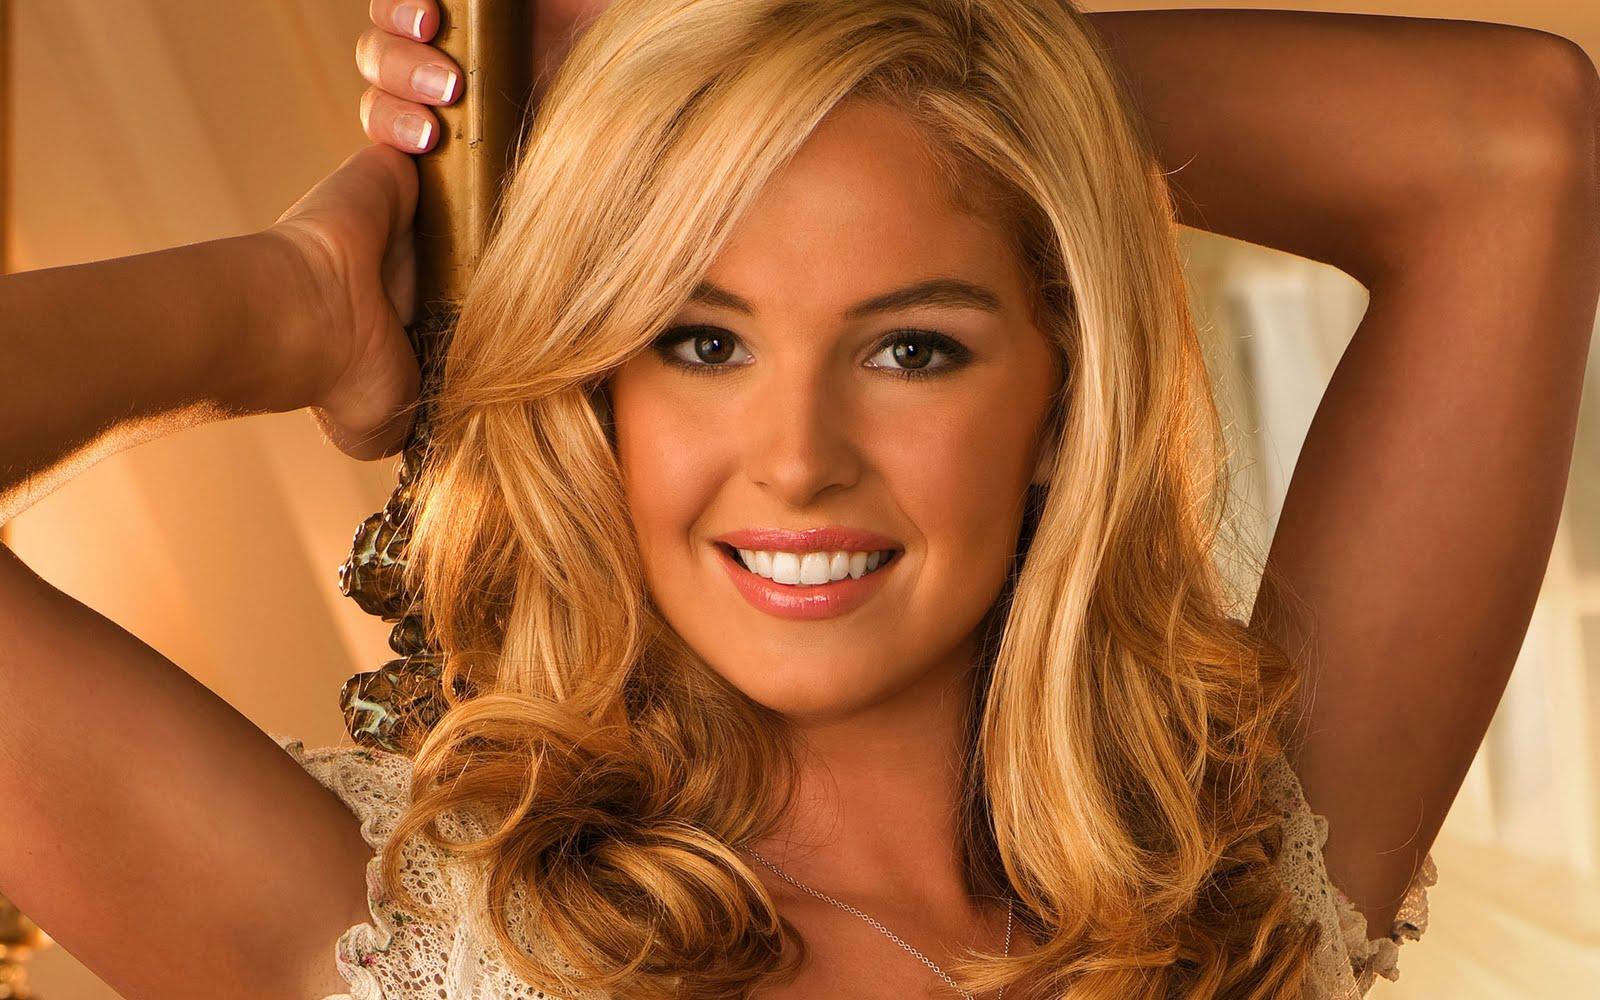 http://2.bp.blogspot.com/-oL10MM1u2ic/ThwFBls5h9I/AAAAAAAABgo/OxgVabWmnwc/s1600/HD-Wallpaper-Girl-9.jpg